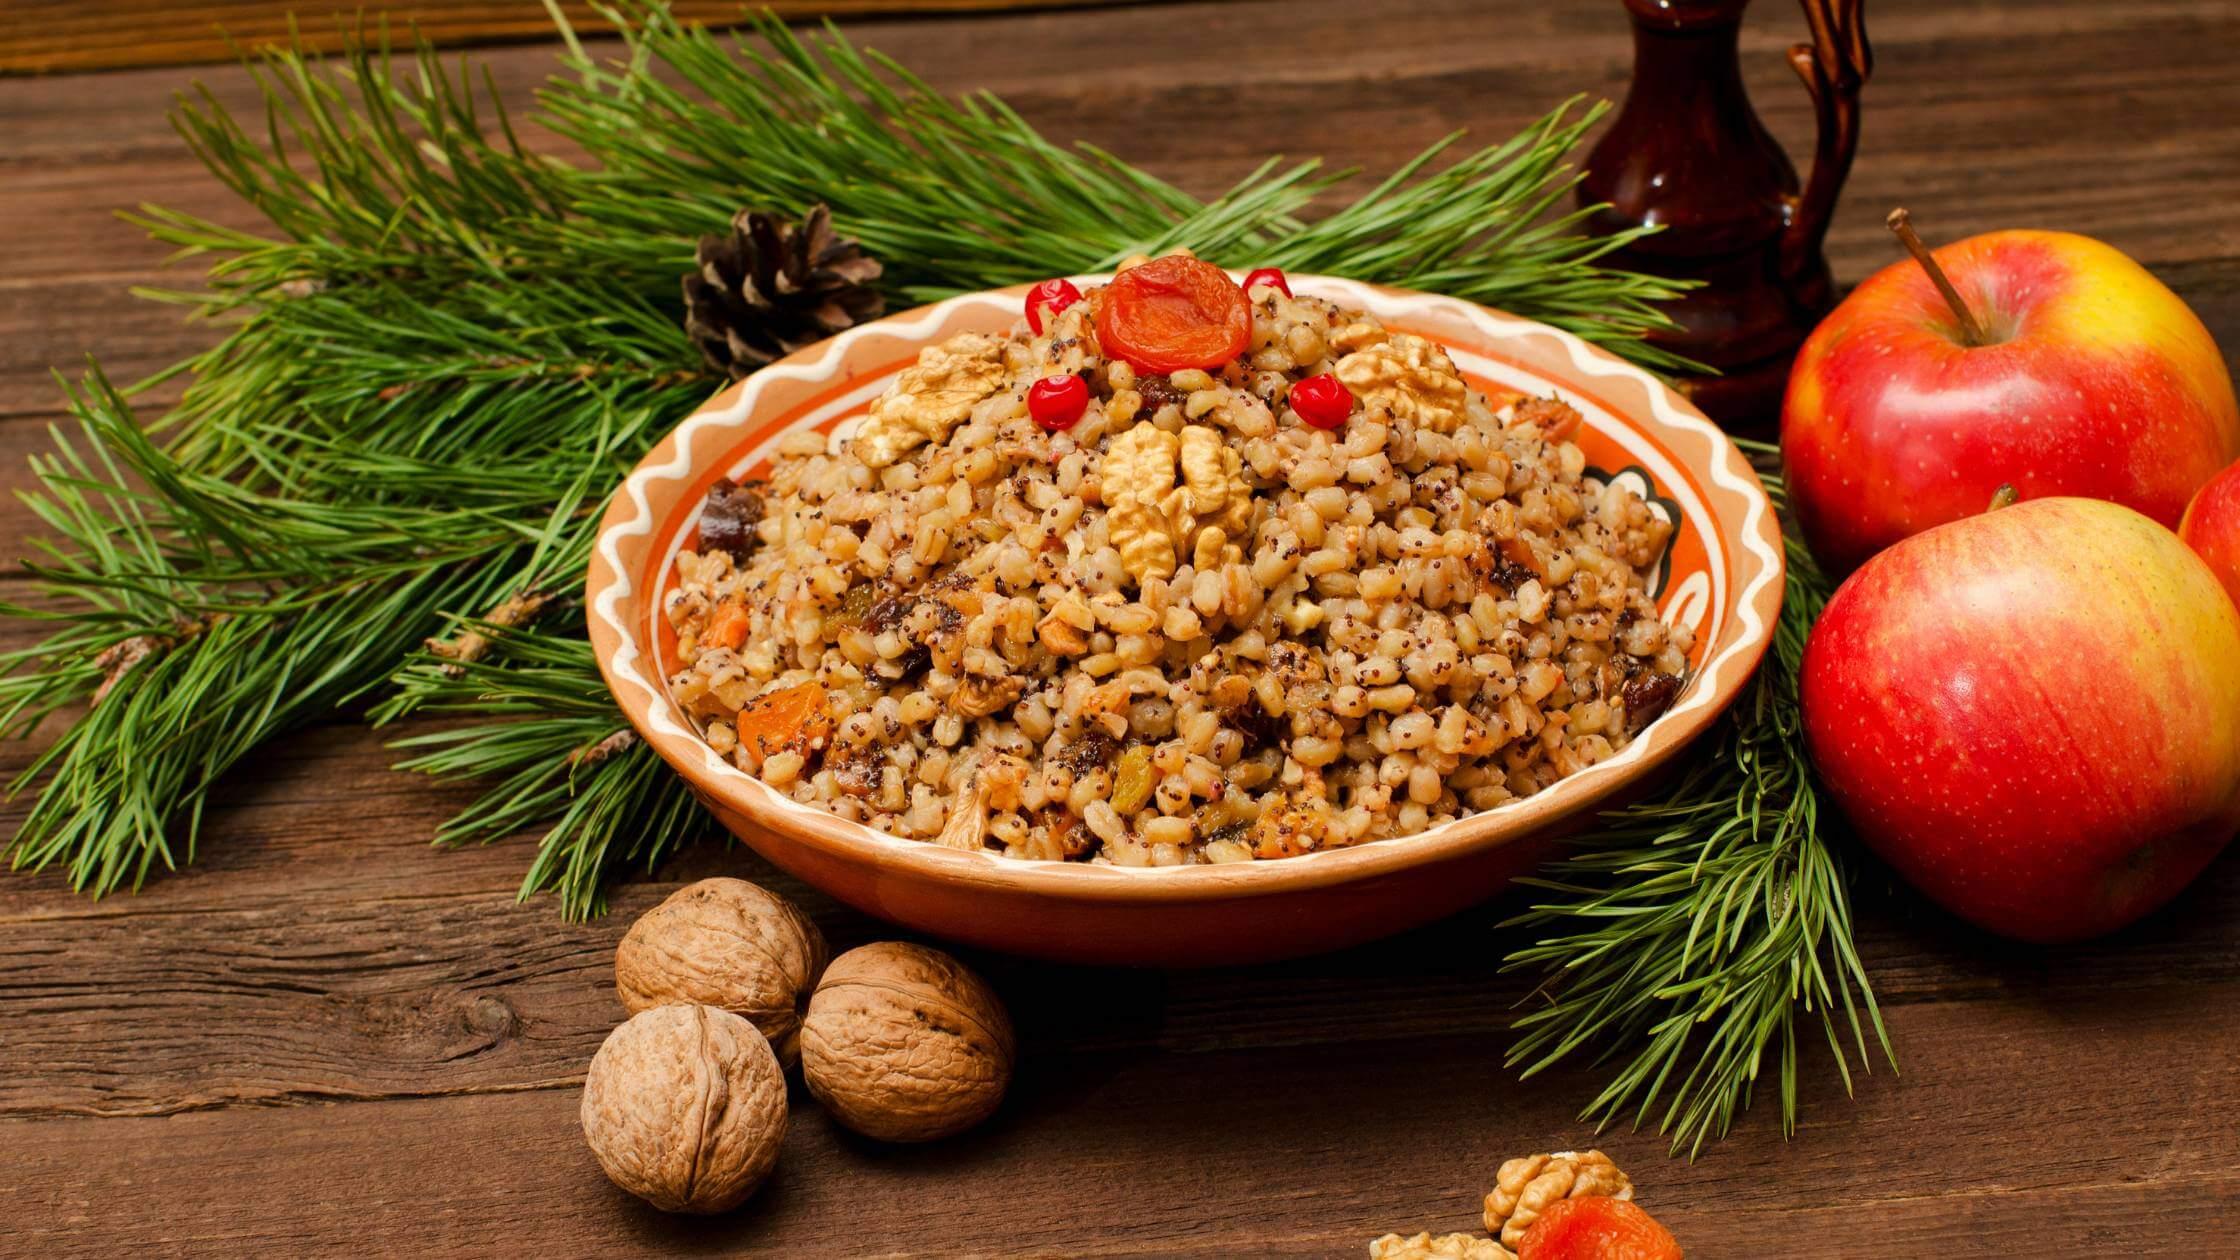 Pięć wskazówek dla świetnego samopoczucia po świątecznym obiedzie